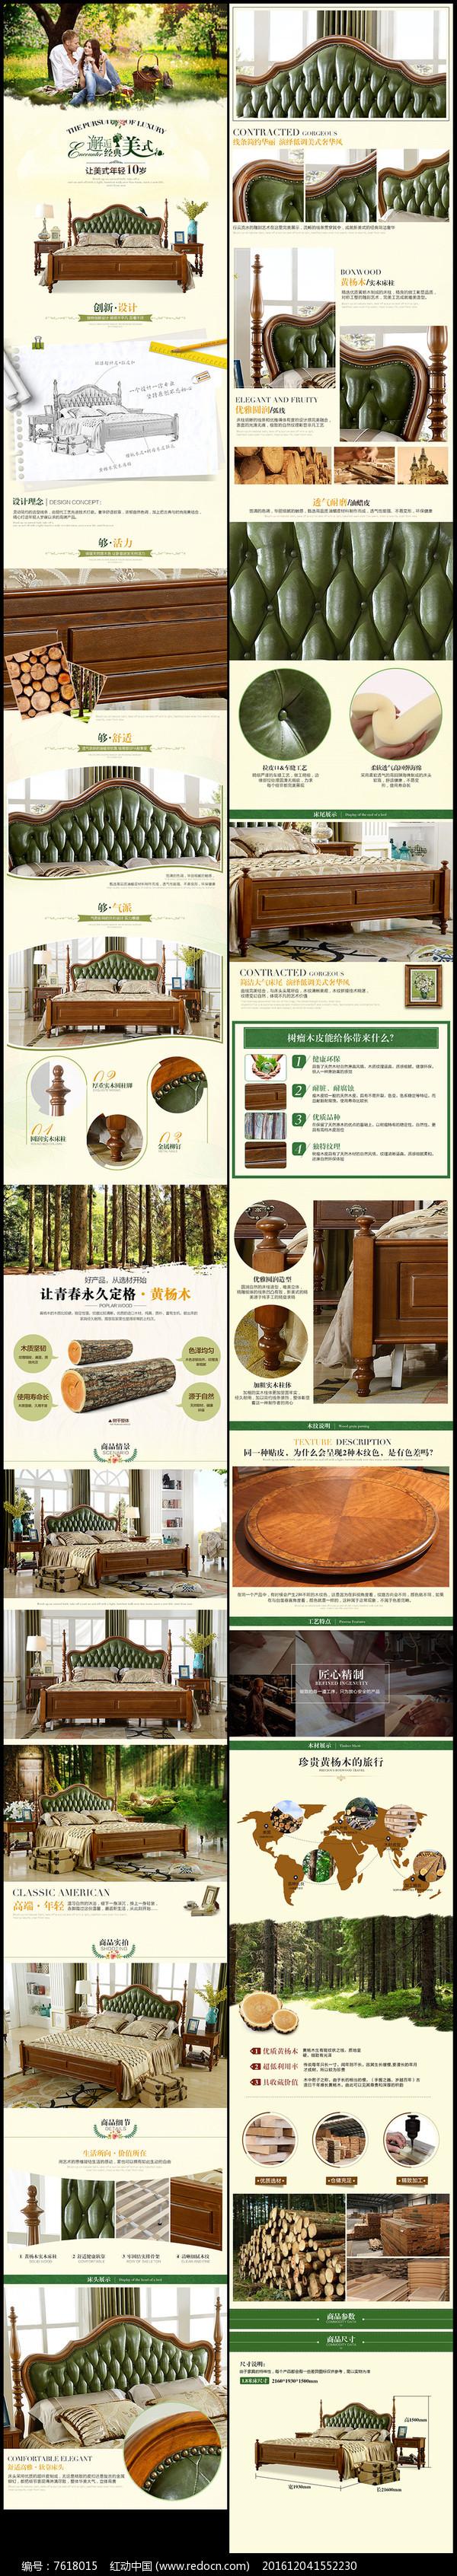 淘宝天猫家具实木床详情页描述模板图片